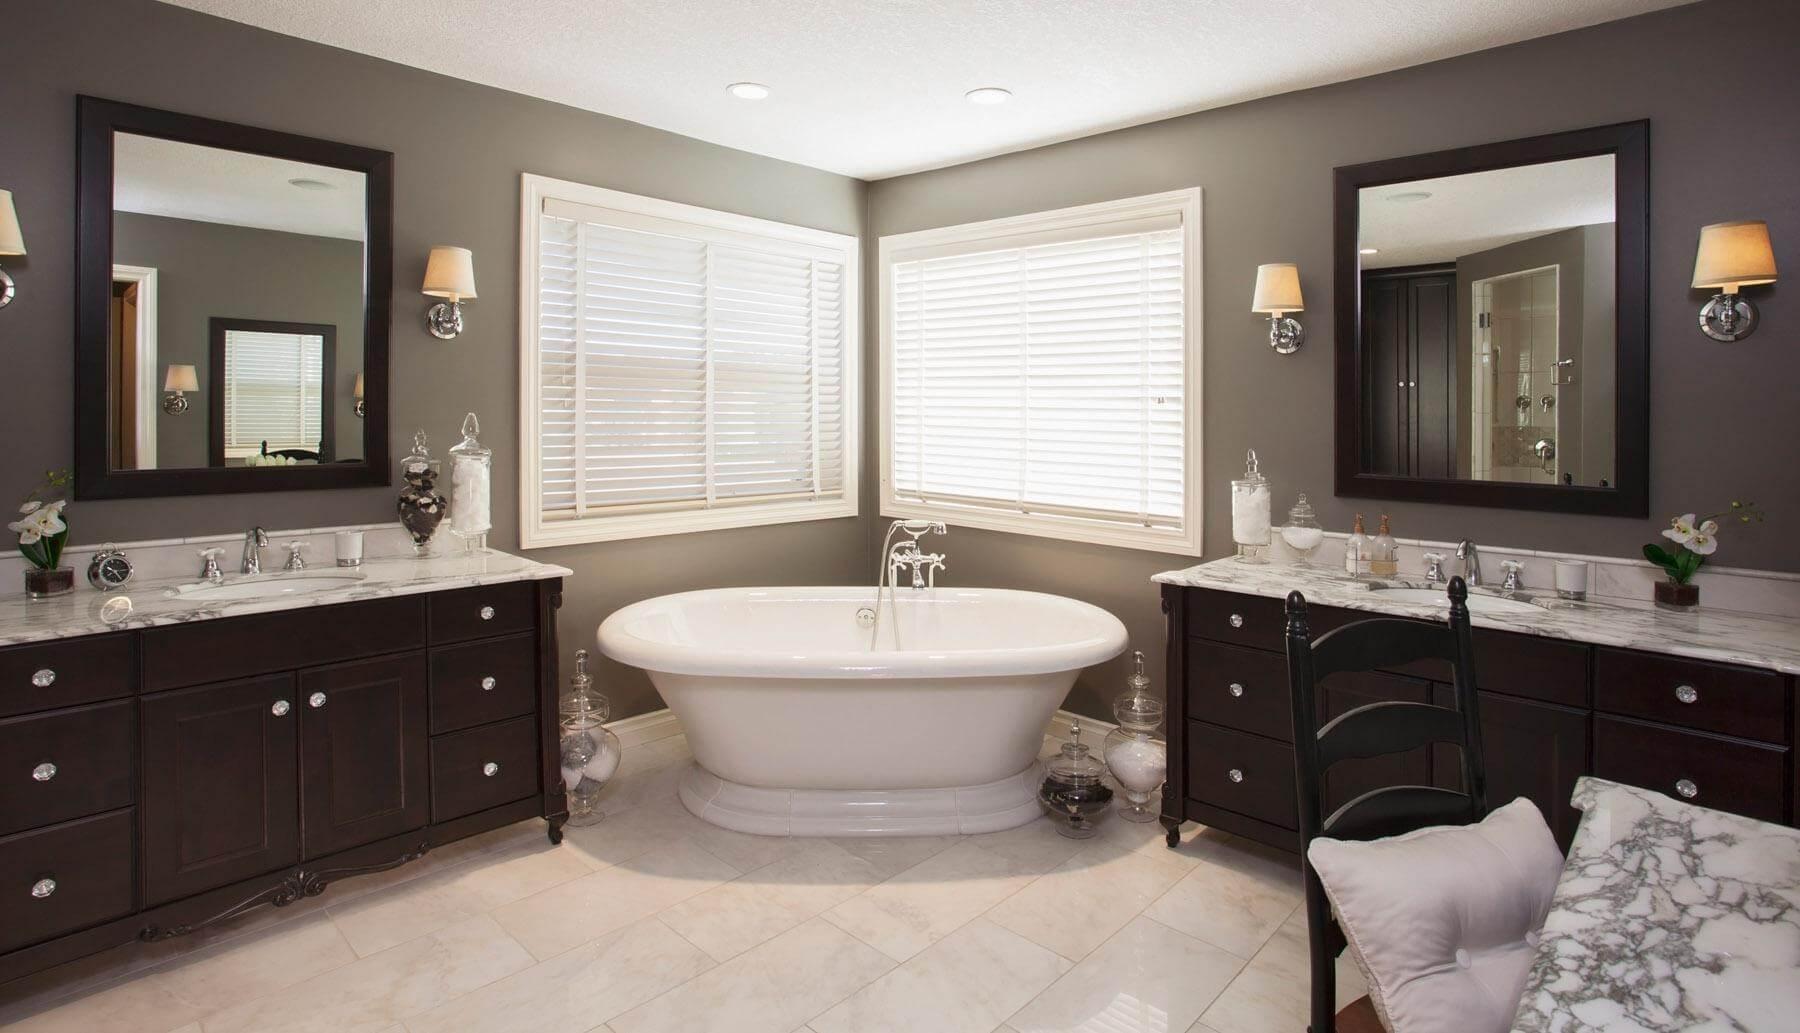 Fantastic bath and fixture displays